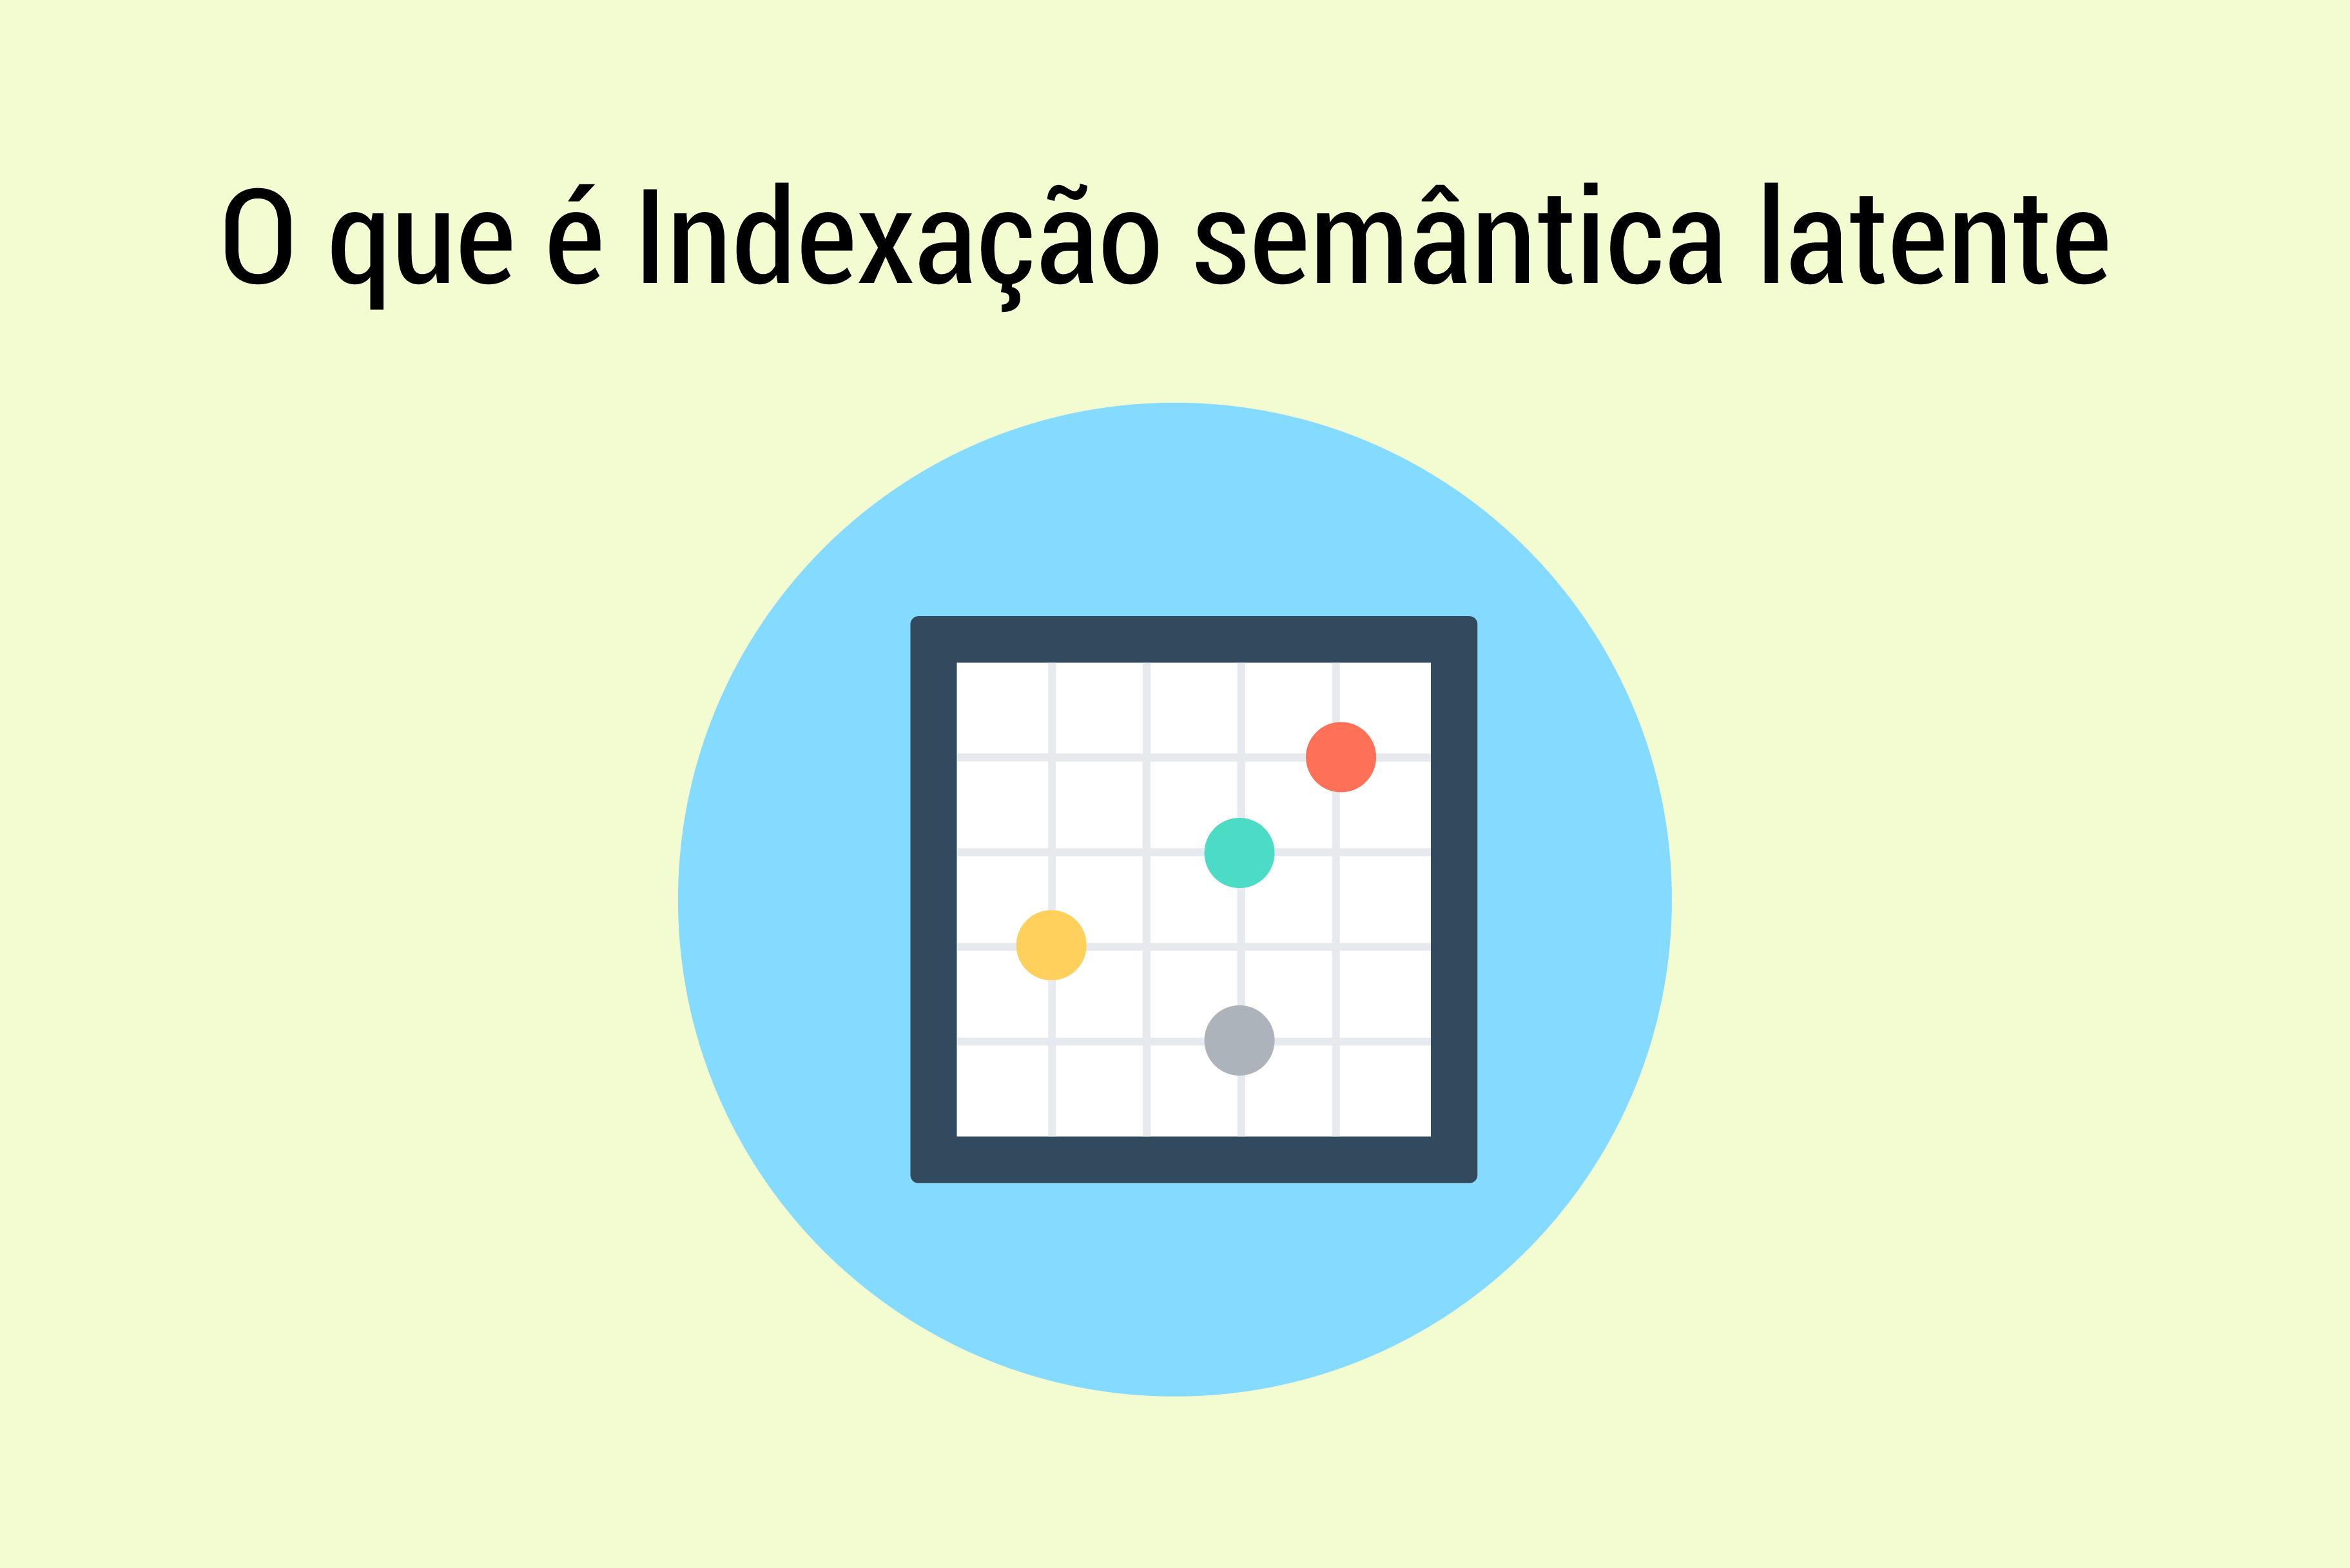 O que é Indexação semântica latente e como usá-la em sua estratégia de posicionamento SEO